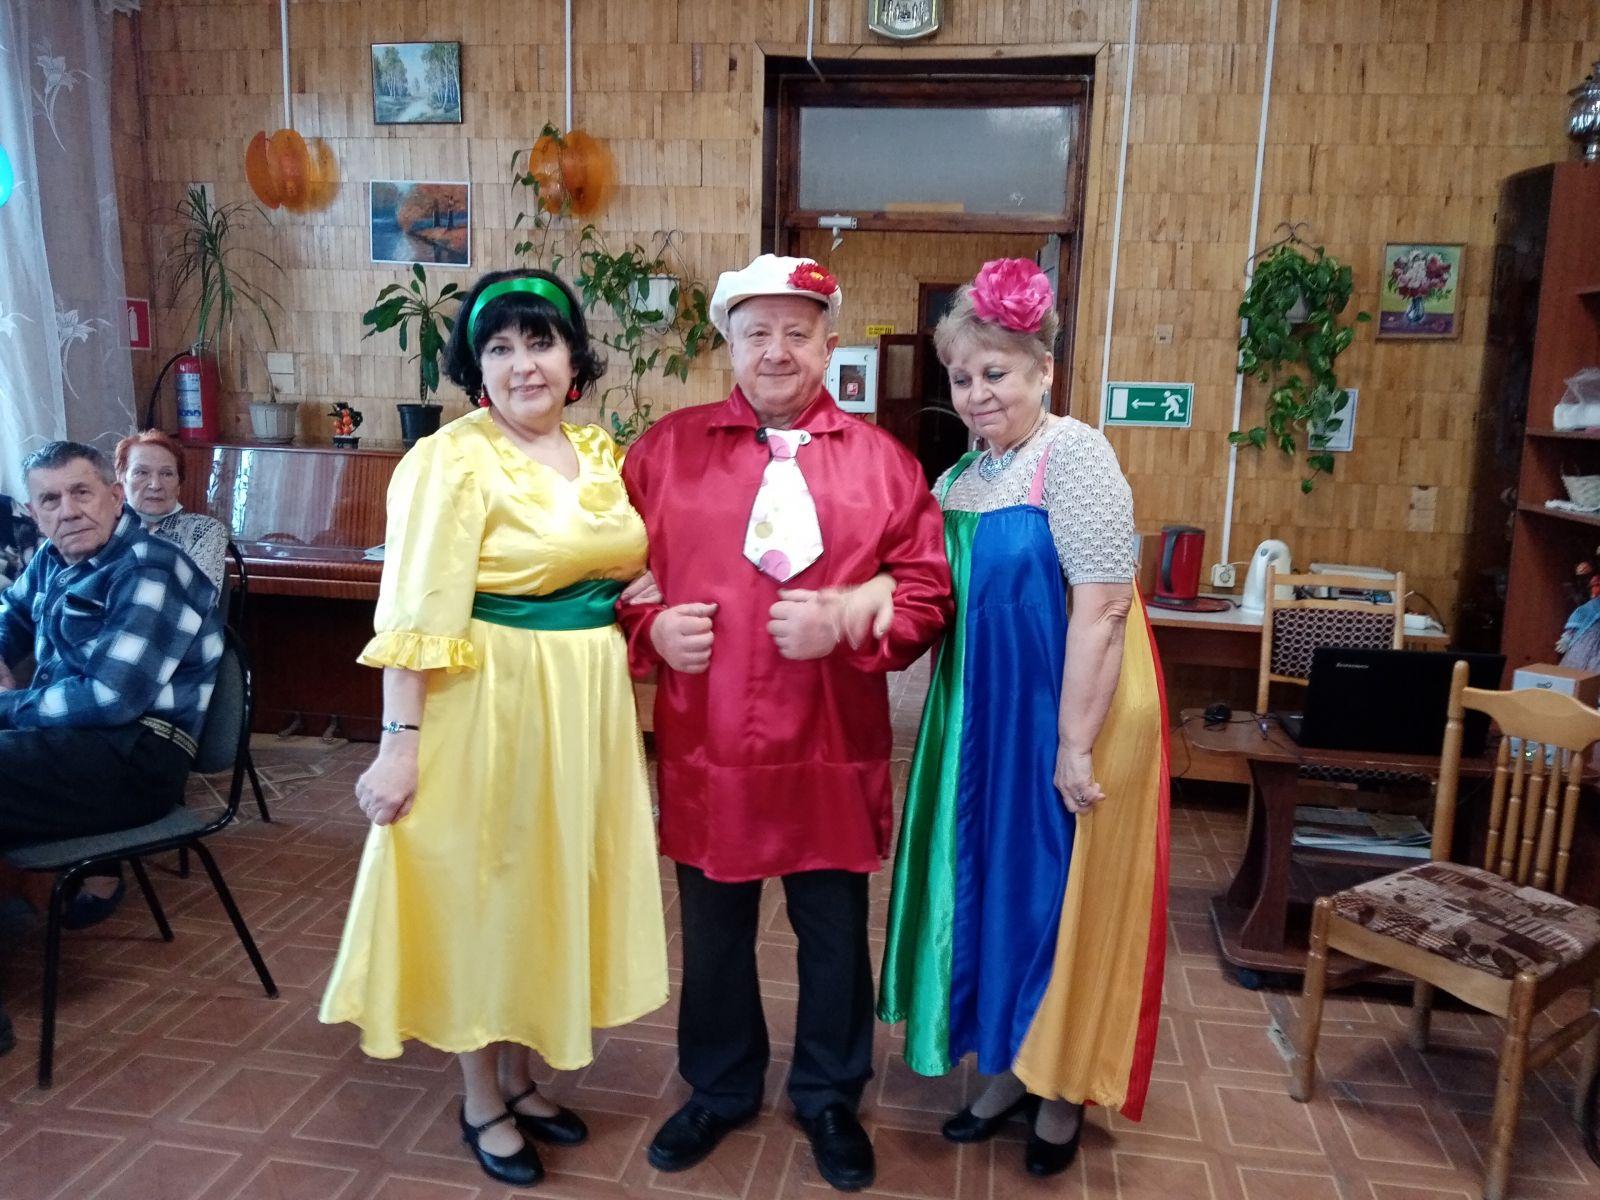 Получатели социальных услуг ГБУСО МО «Волоколамский центр социального обслуживания граждан пожилого возраста и инвалидов» провели праздничное мероприятие.